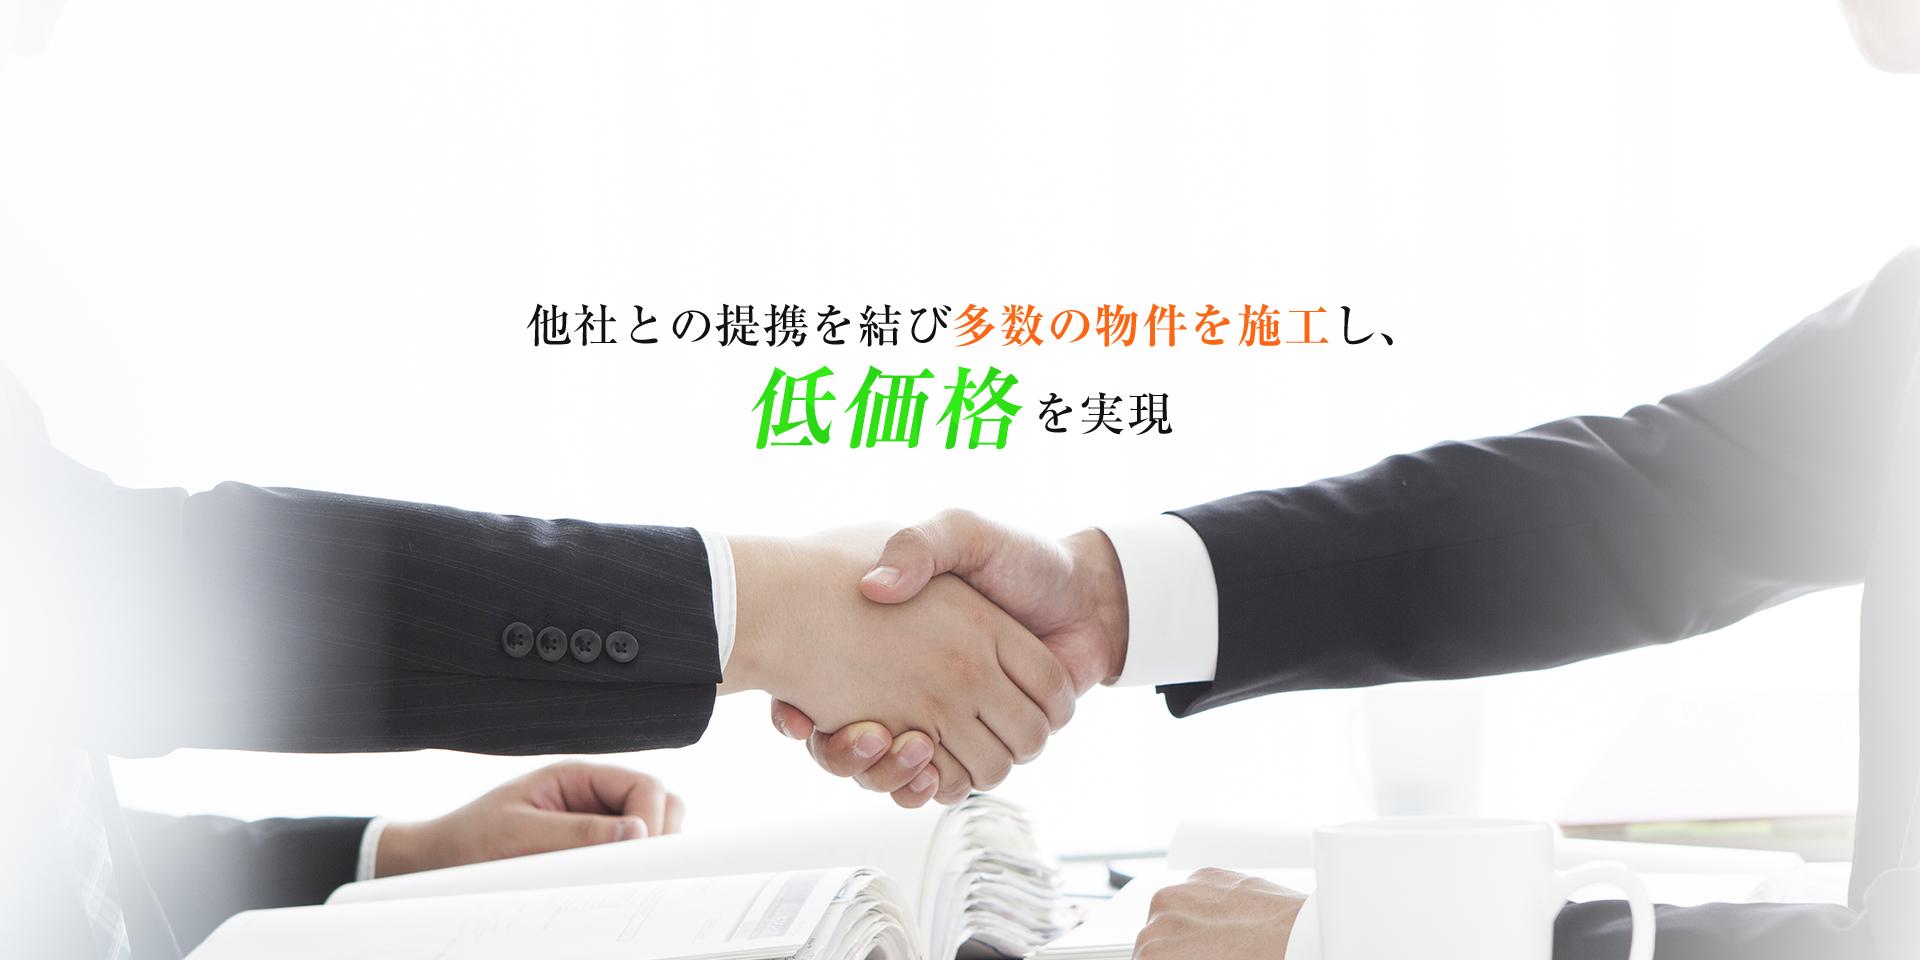 他社との提携を結び多数の物件を施工し、低価格を実現